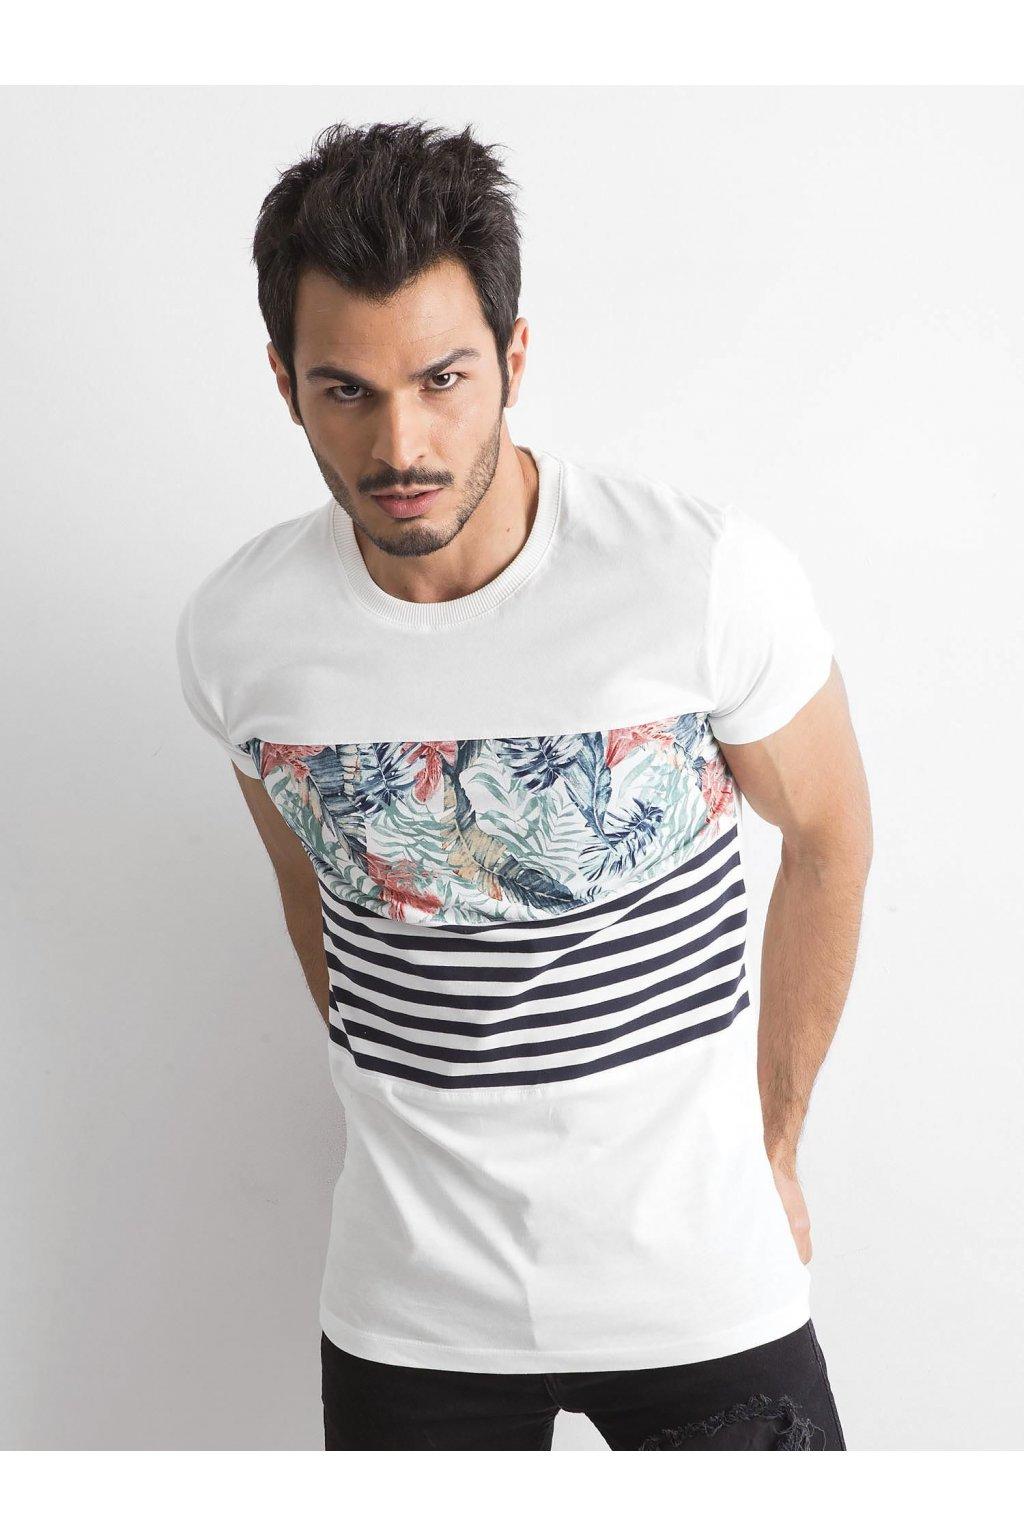 Tričko t-shirt kód M019Y03060002